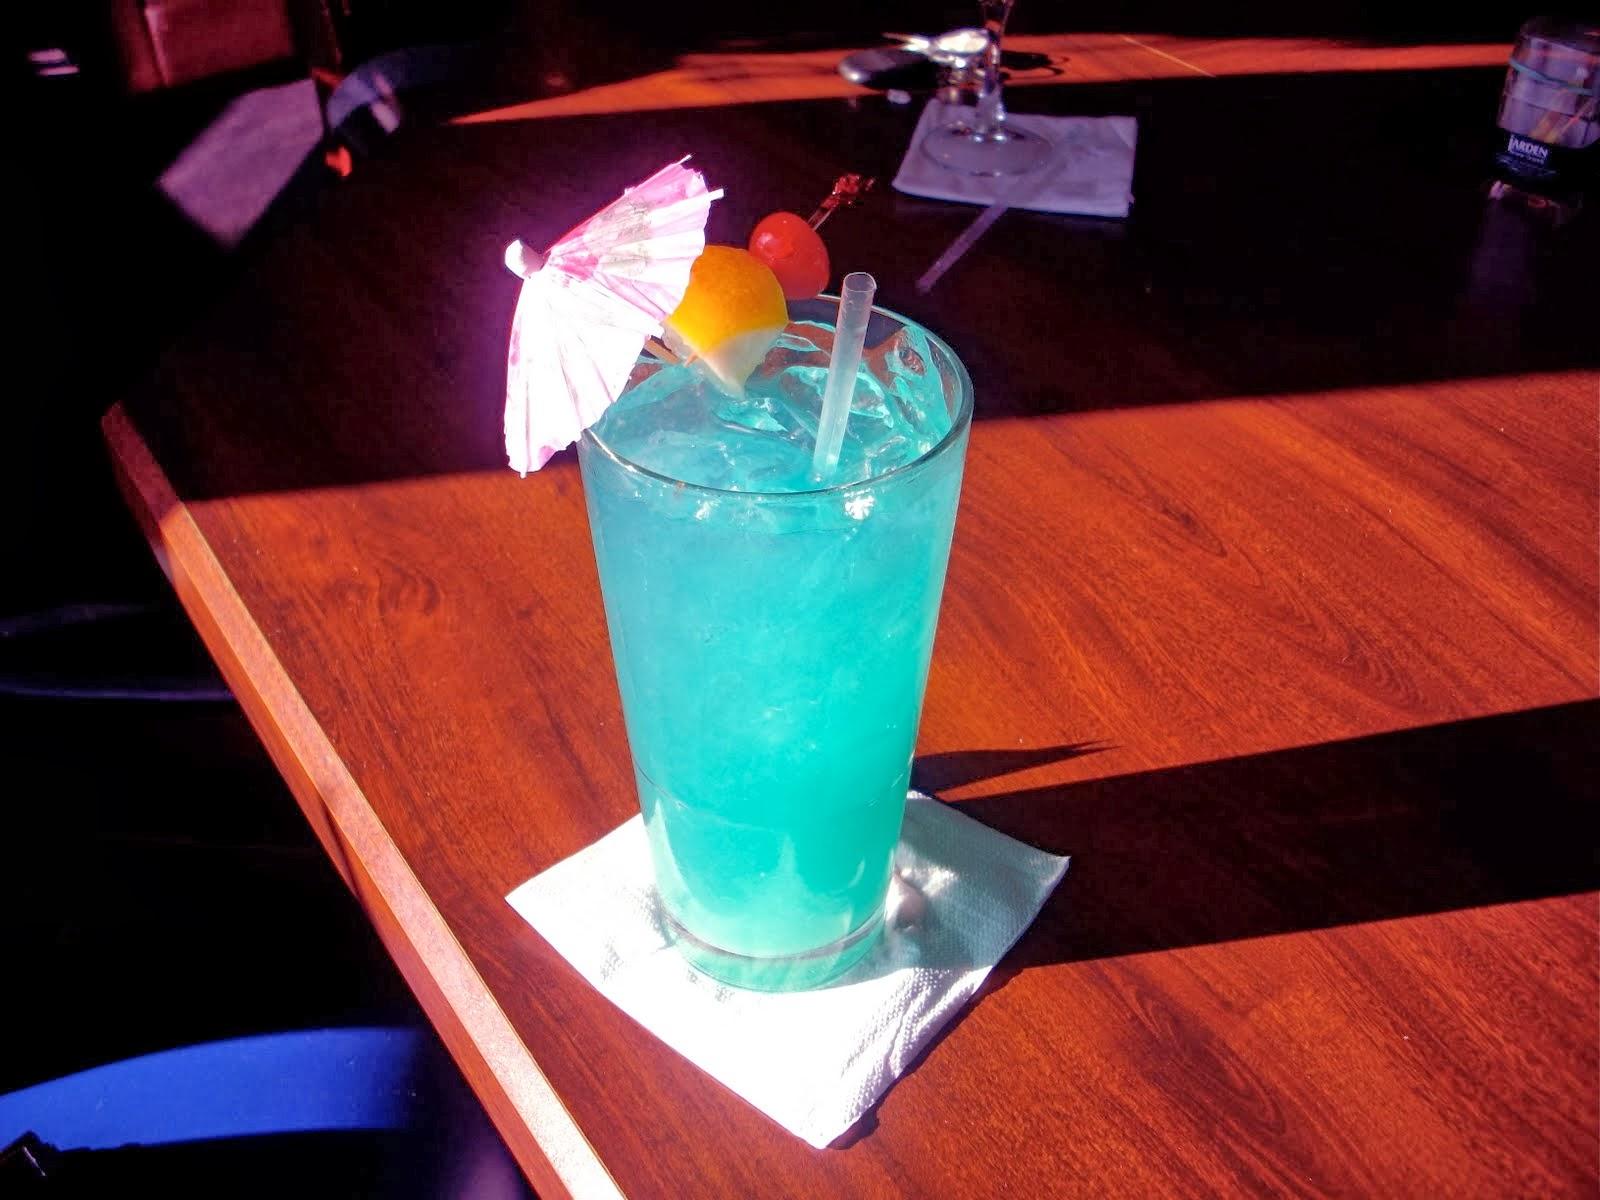 Как сделать коктейль голубая лагуна, рецепт - Рецепты - Wday